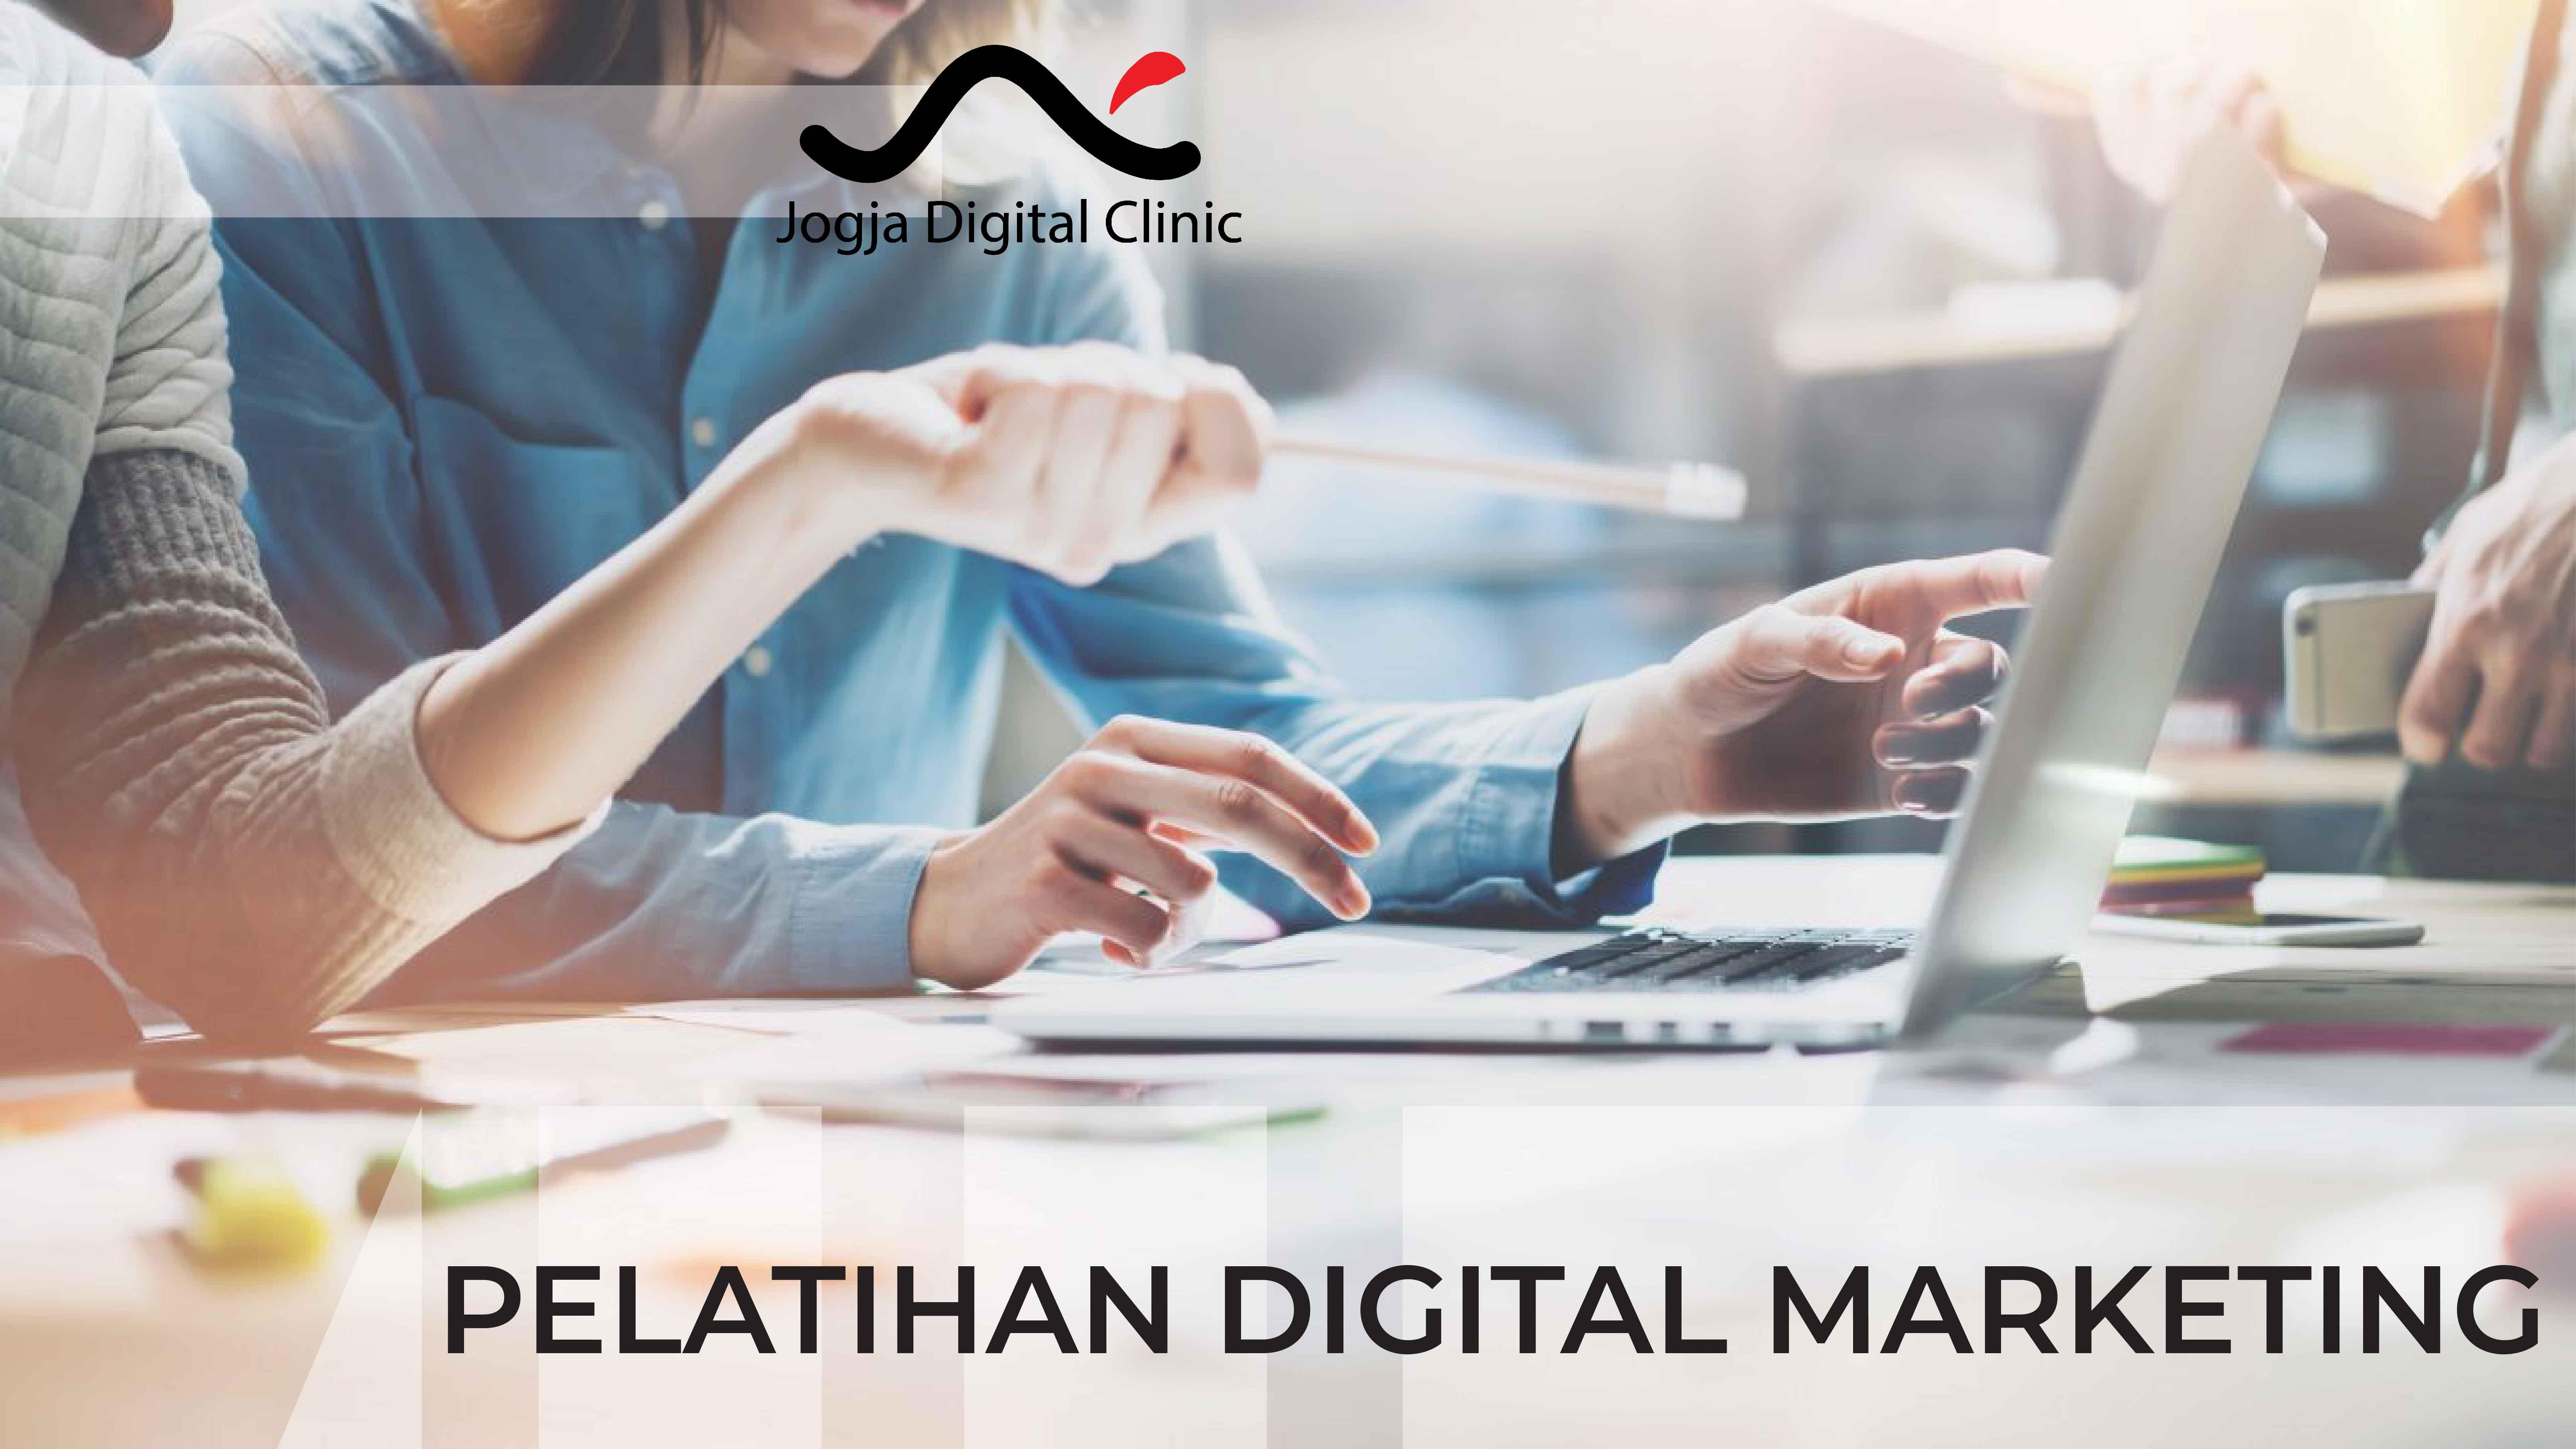 pelatihan digital marketing jogja terbaik